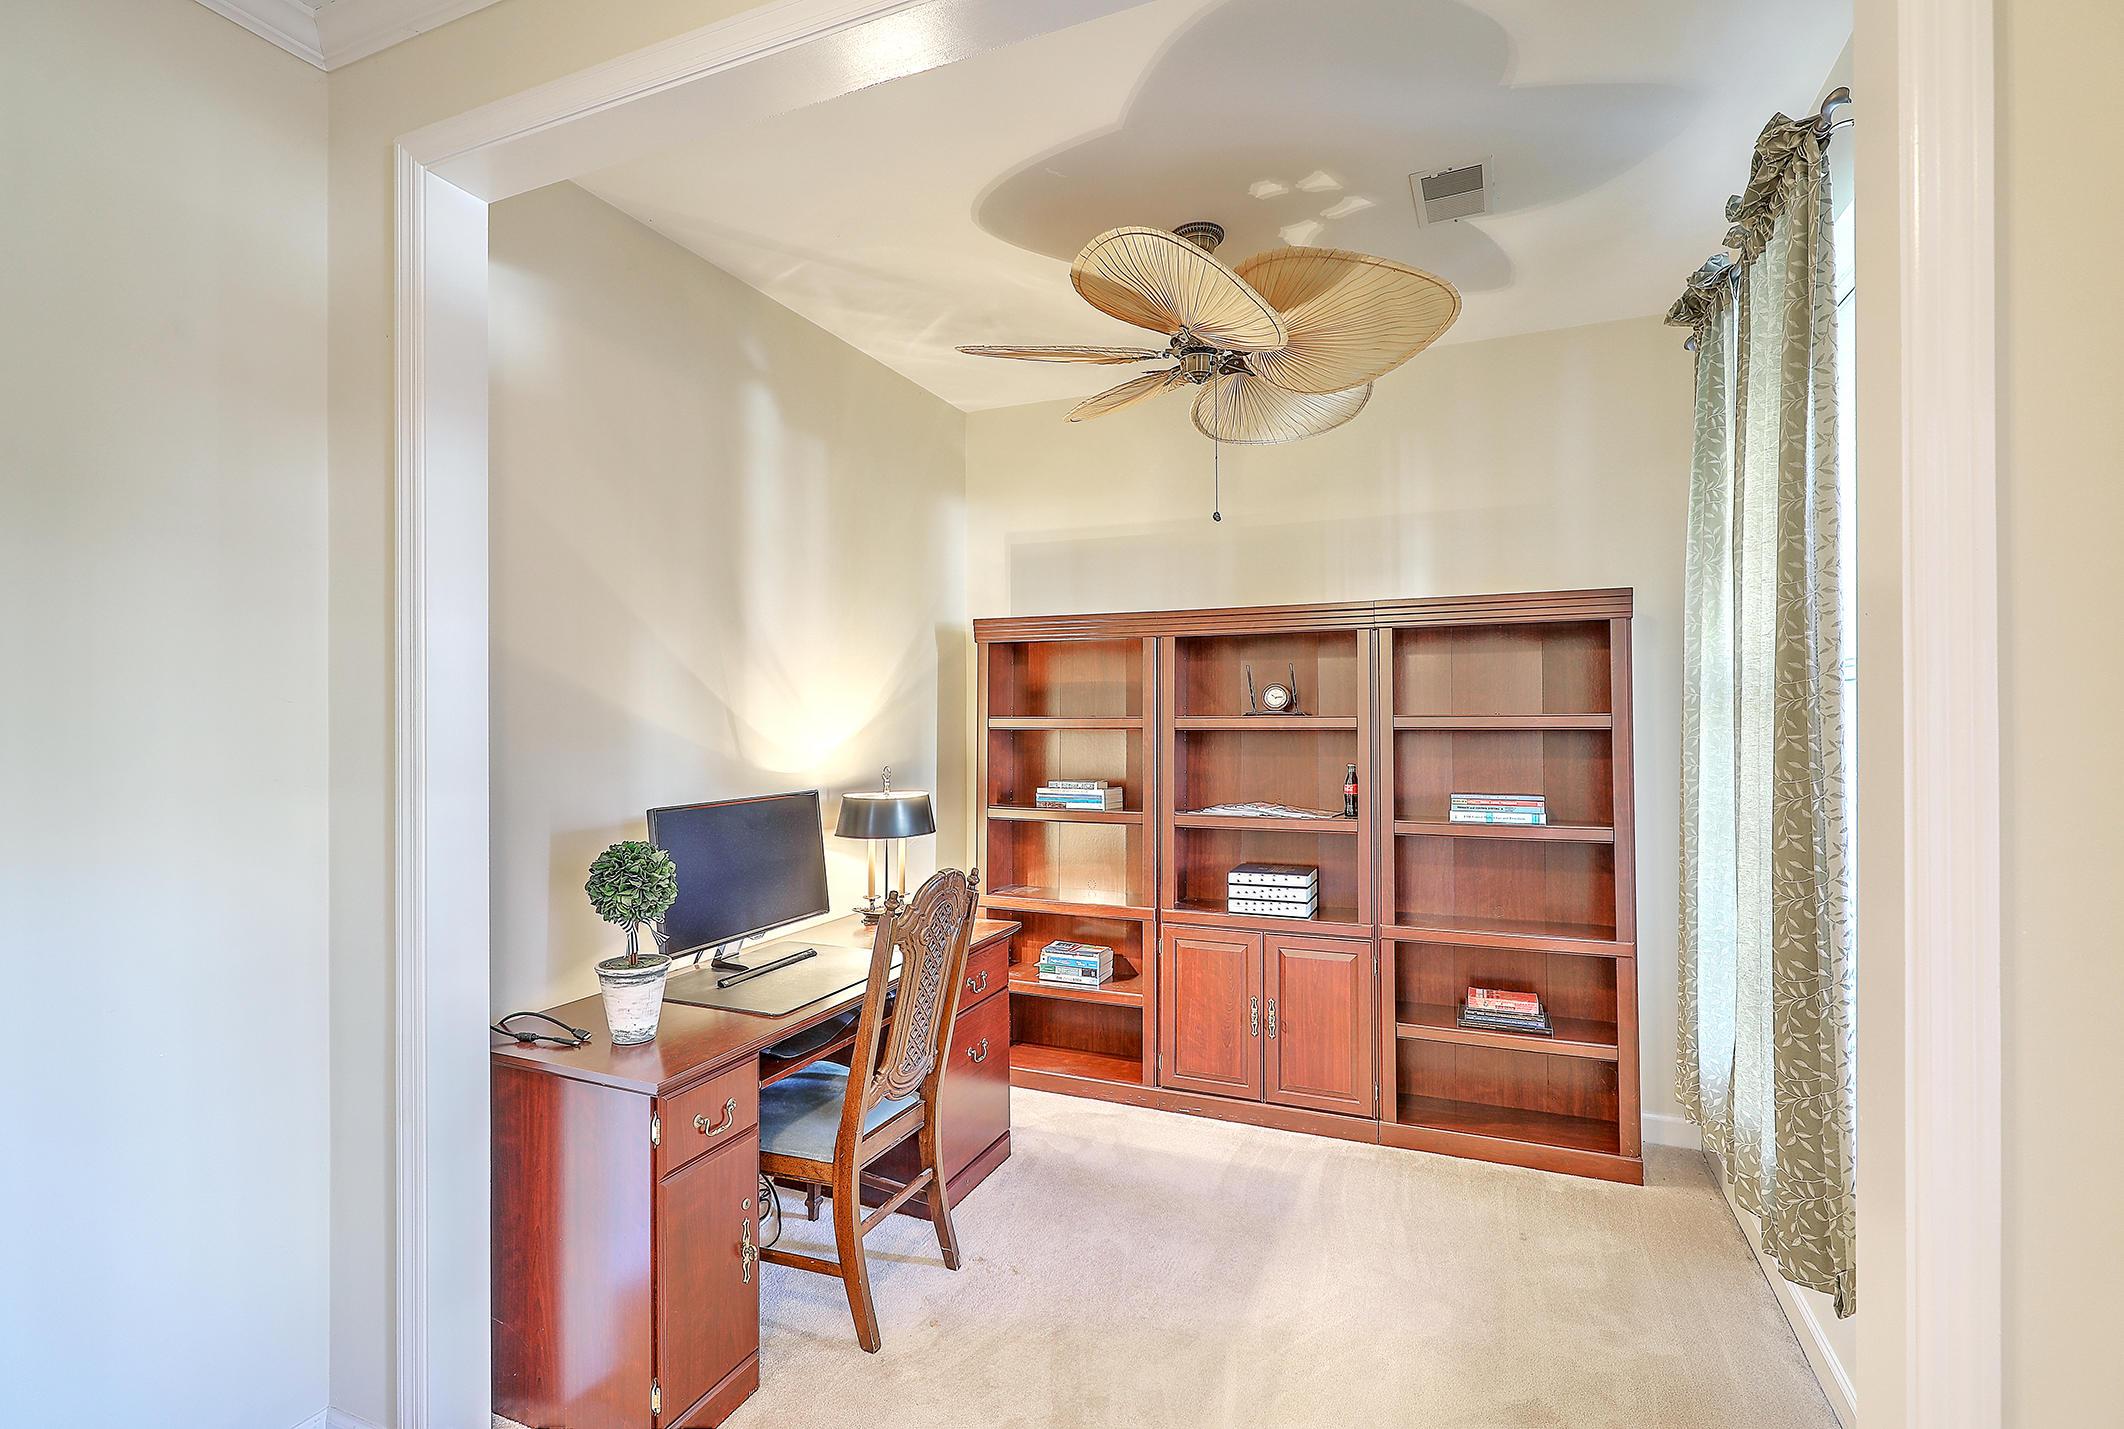 Dunes West Homes For Sale - 163 Fair Sailing, Mount Pleasant, SC - 14